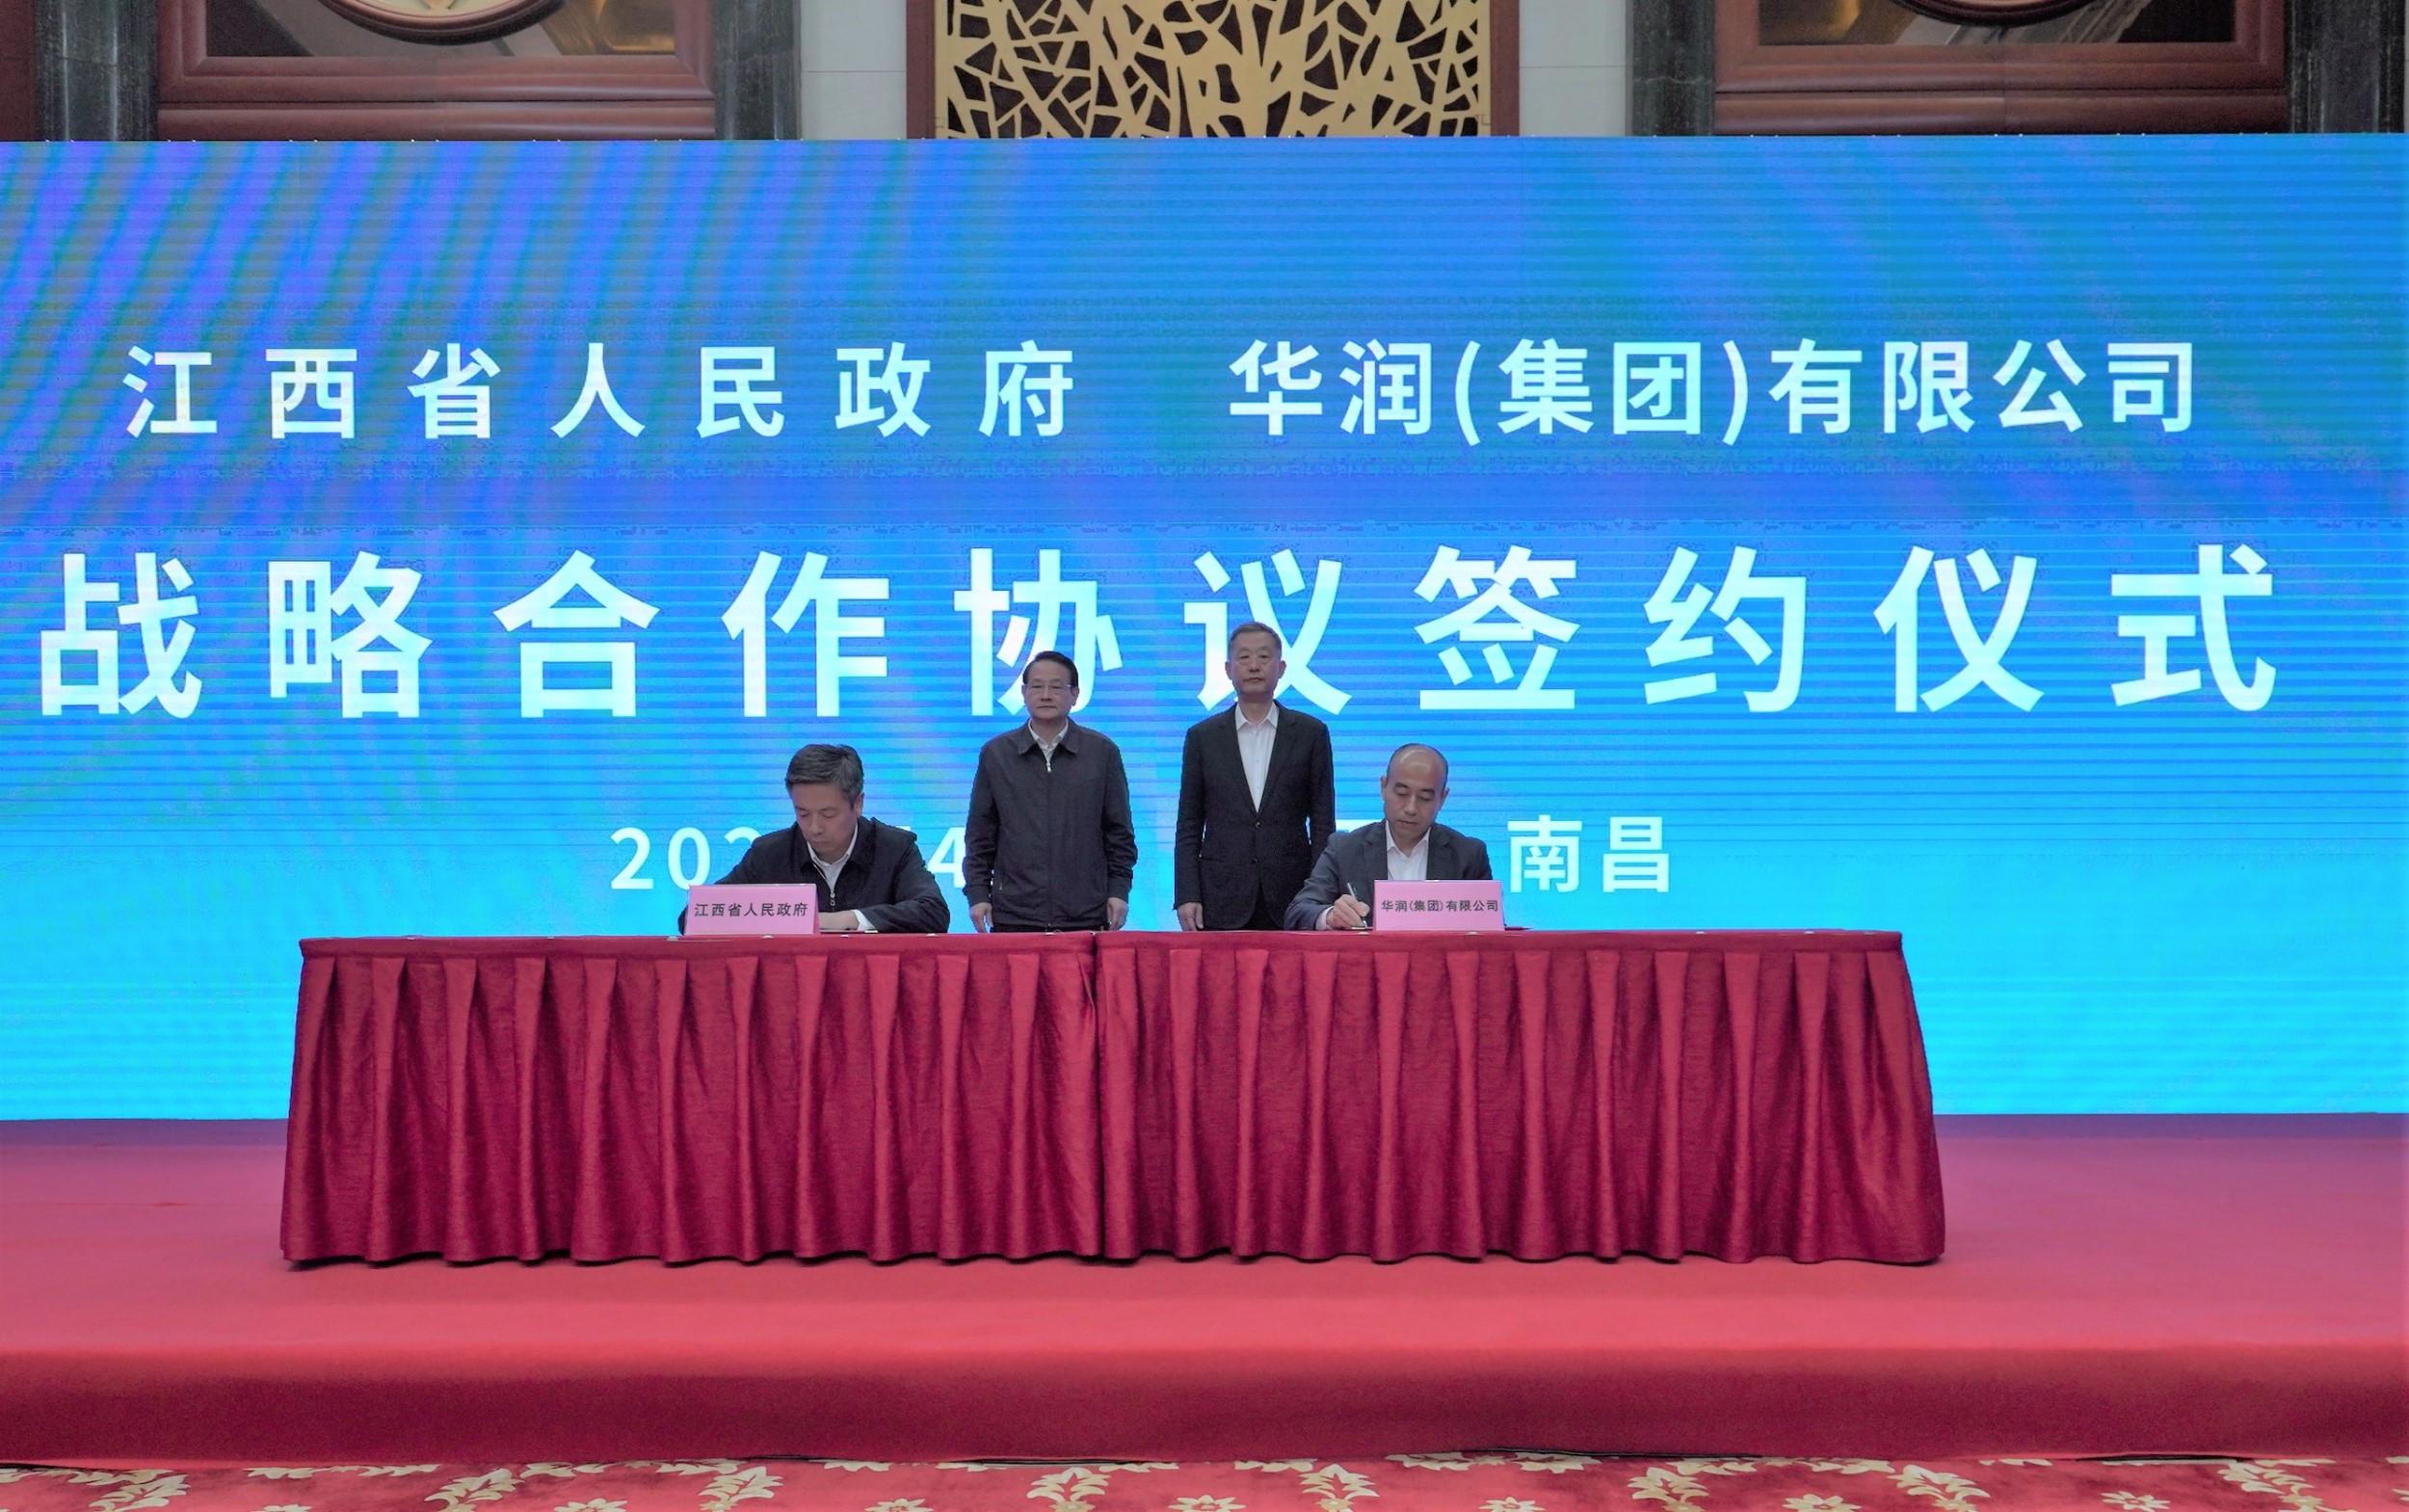 与易炼红省长见证战略合作协议签约.jpg